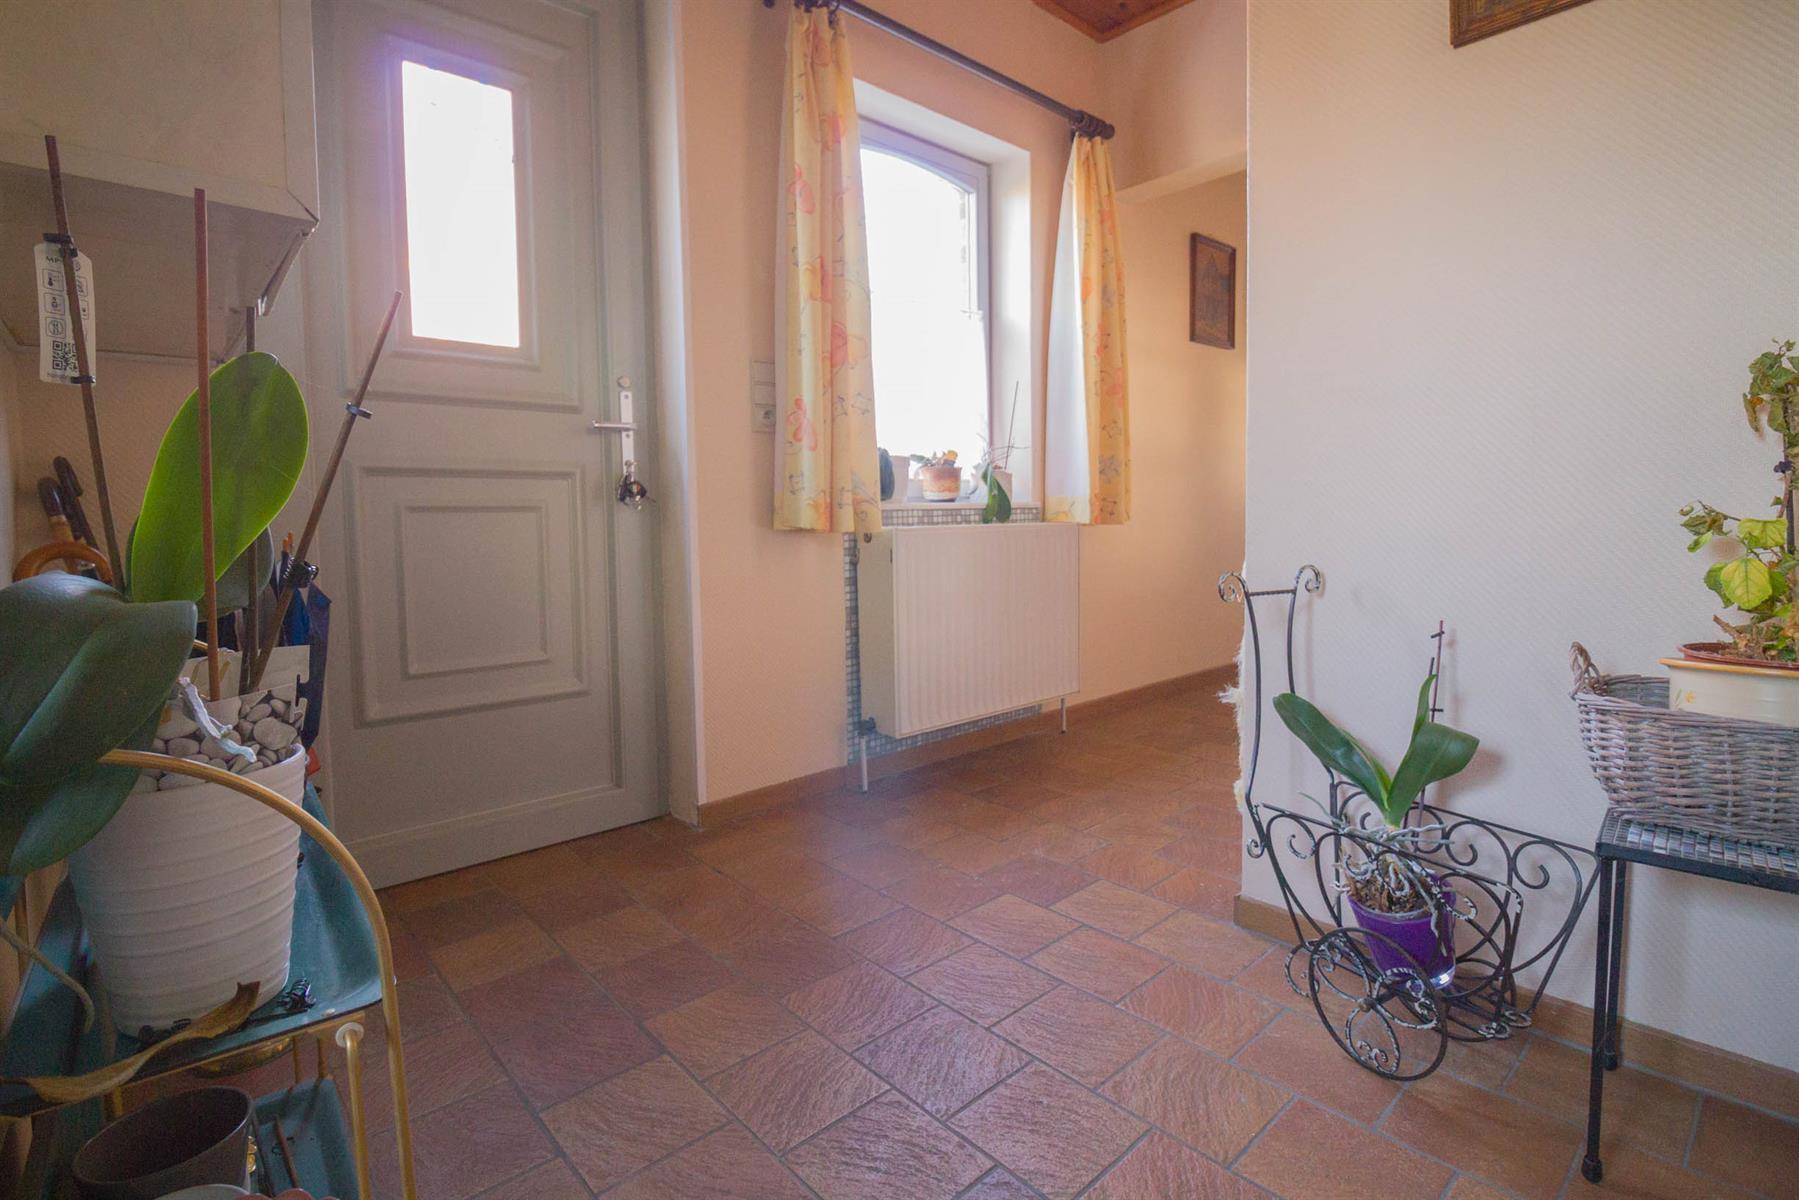 Villa - Courcelles - #4281704-4